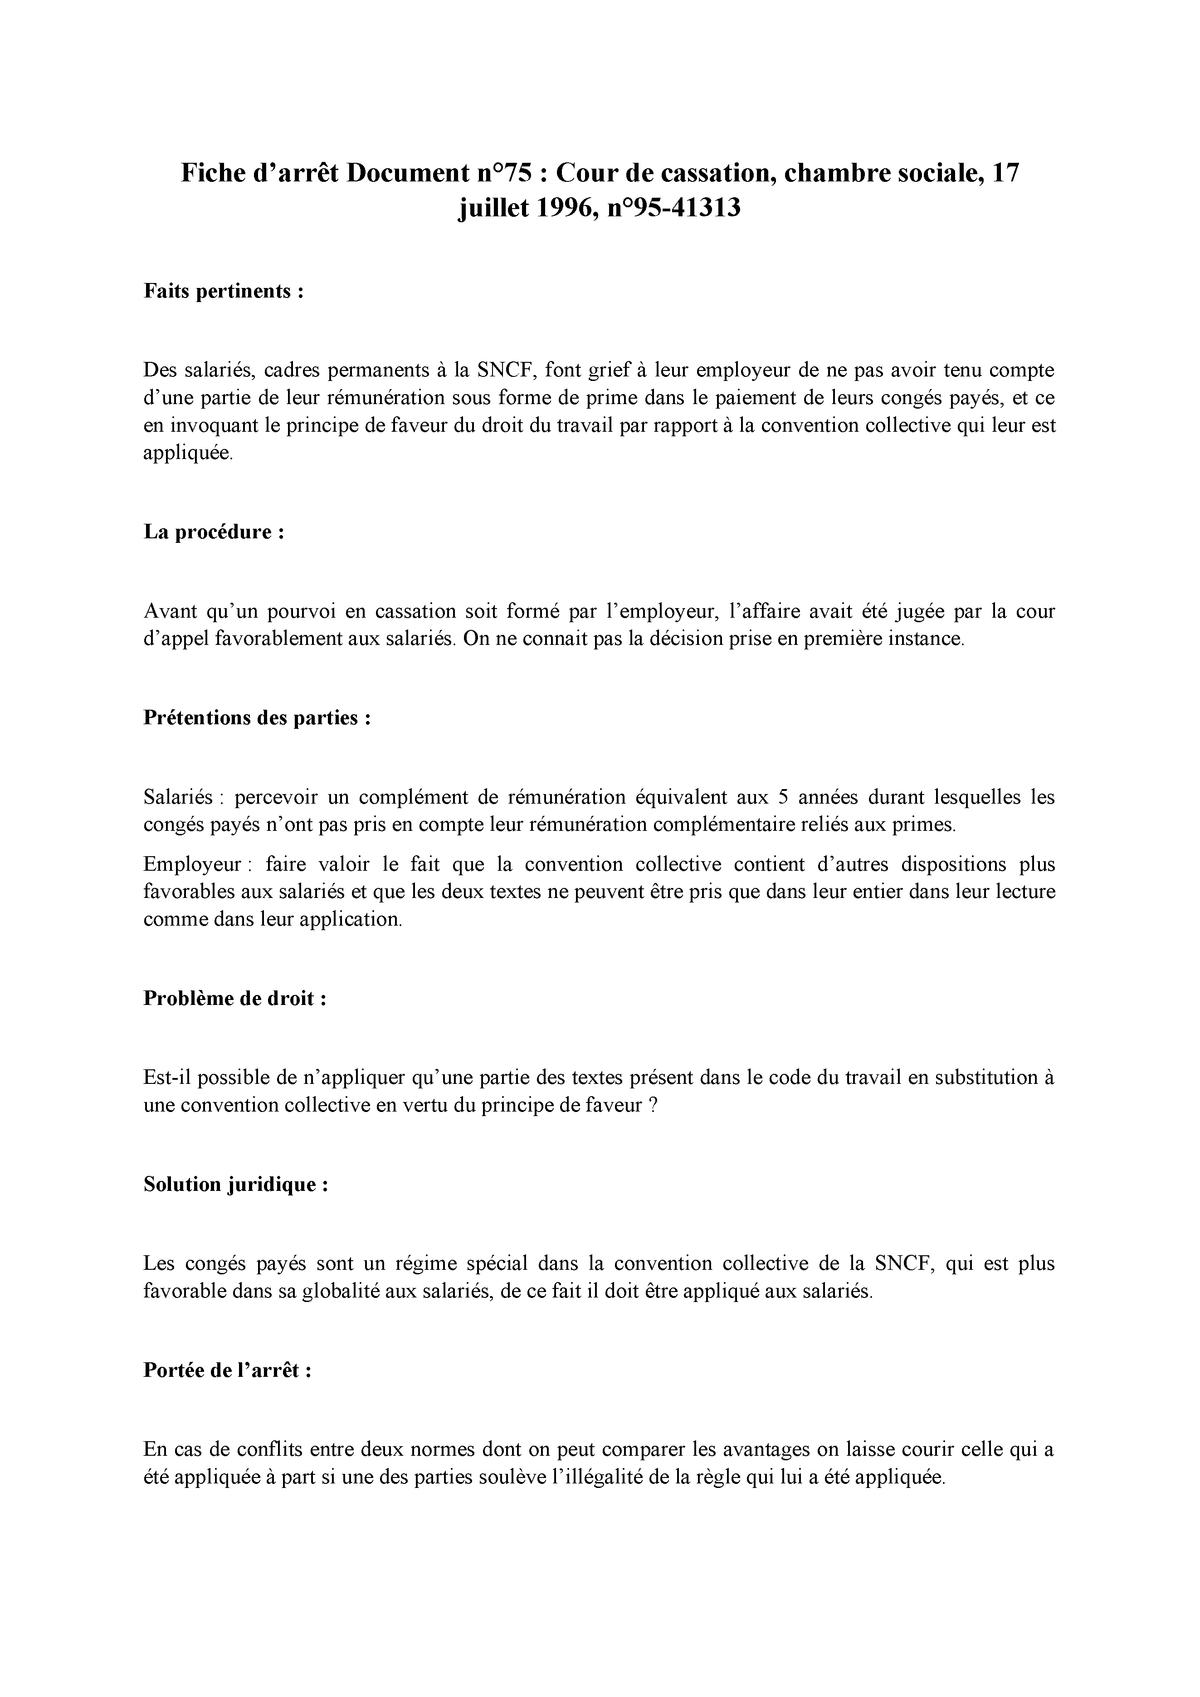 Fiche D Arret Document 75 Droit Social Studocu